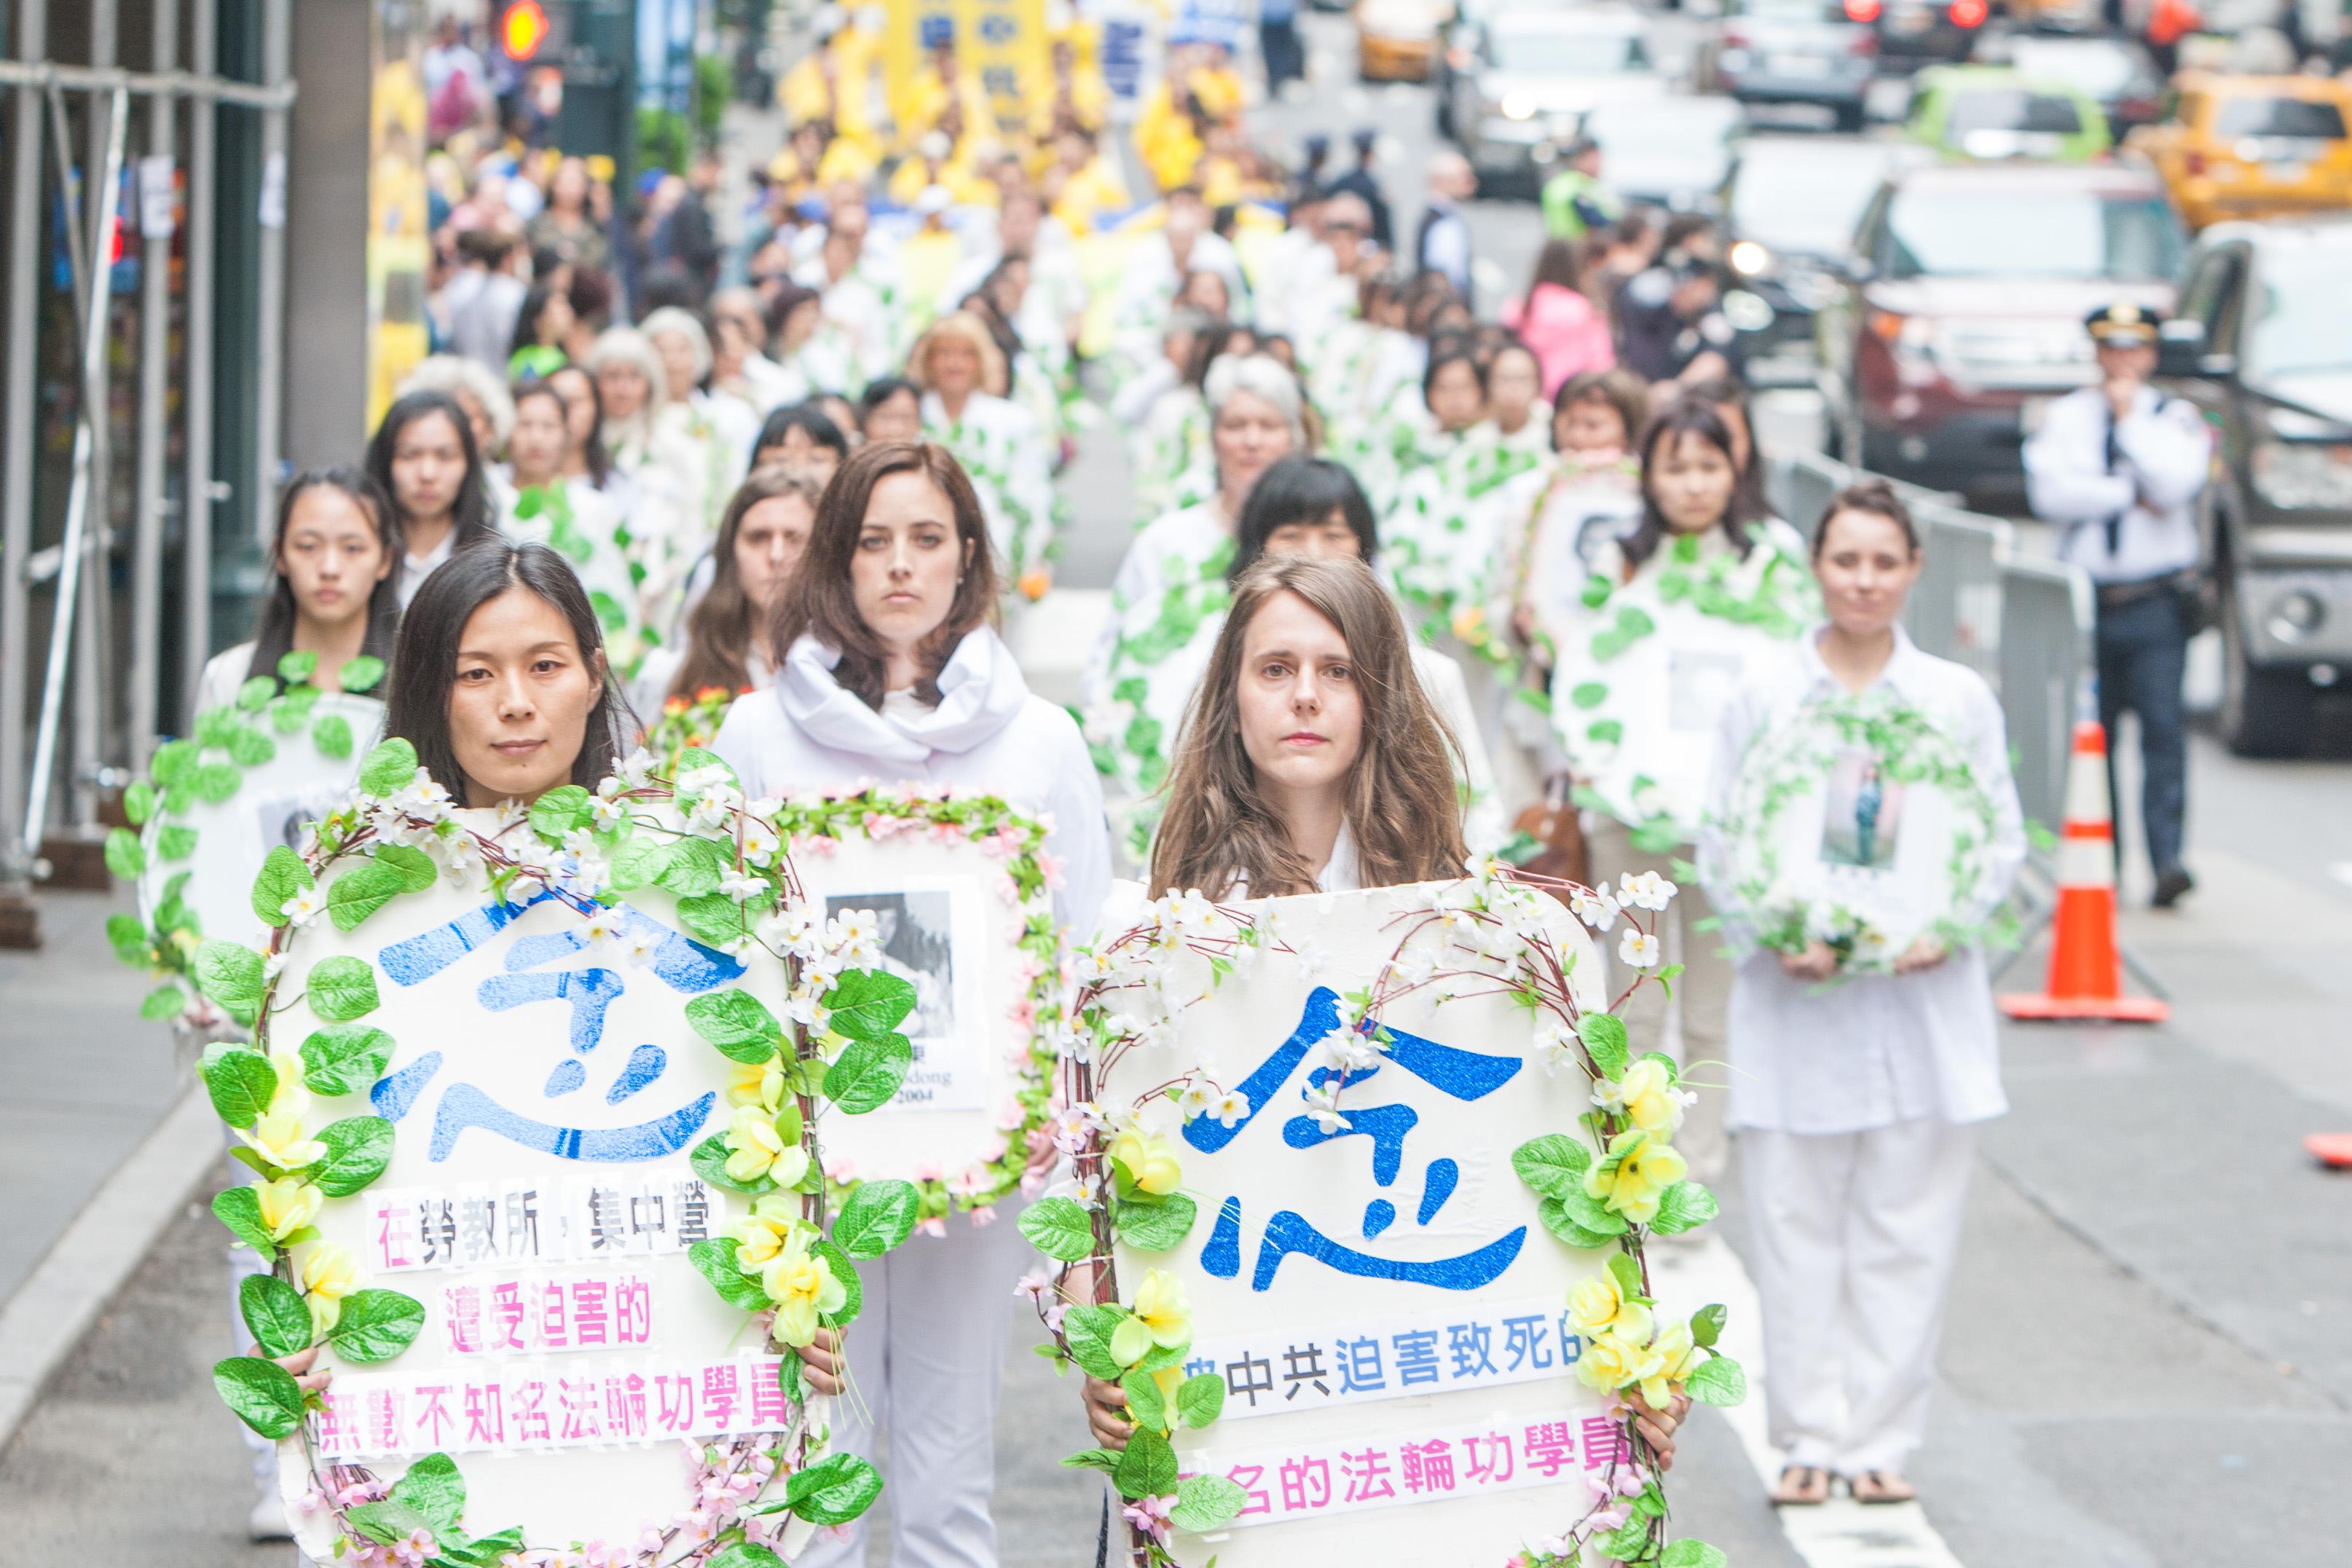 唐山法輪功學員韓玉芹遭綁架 當天被迫害死